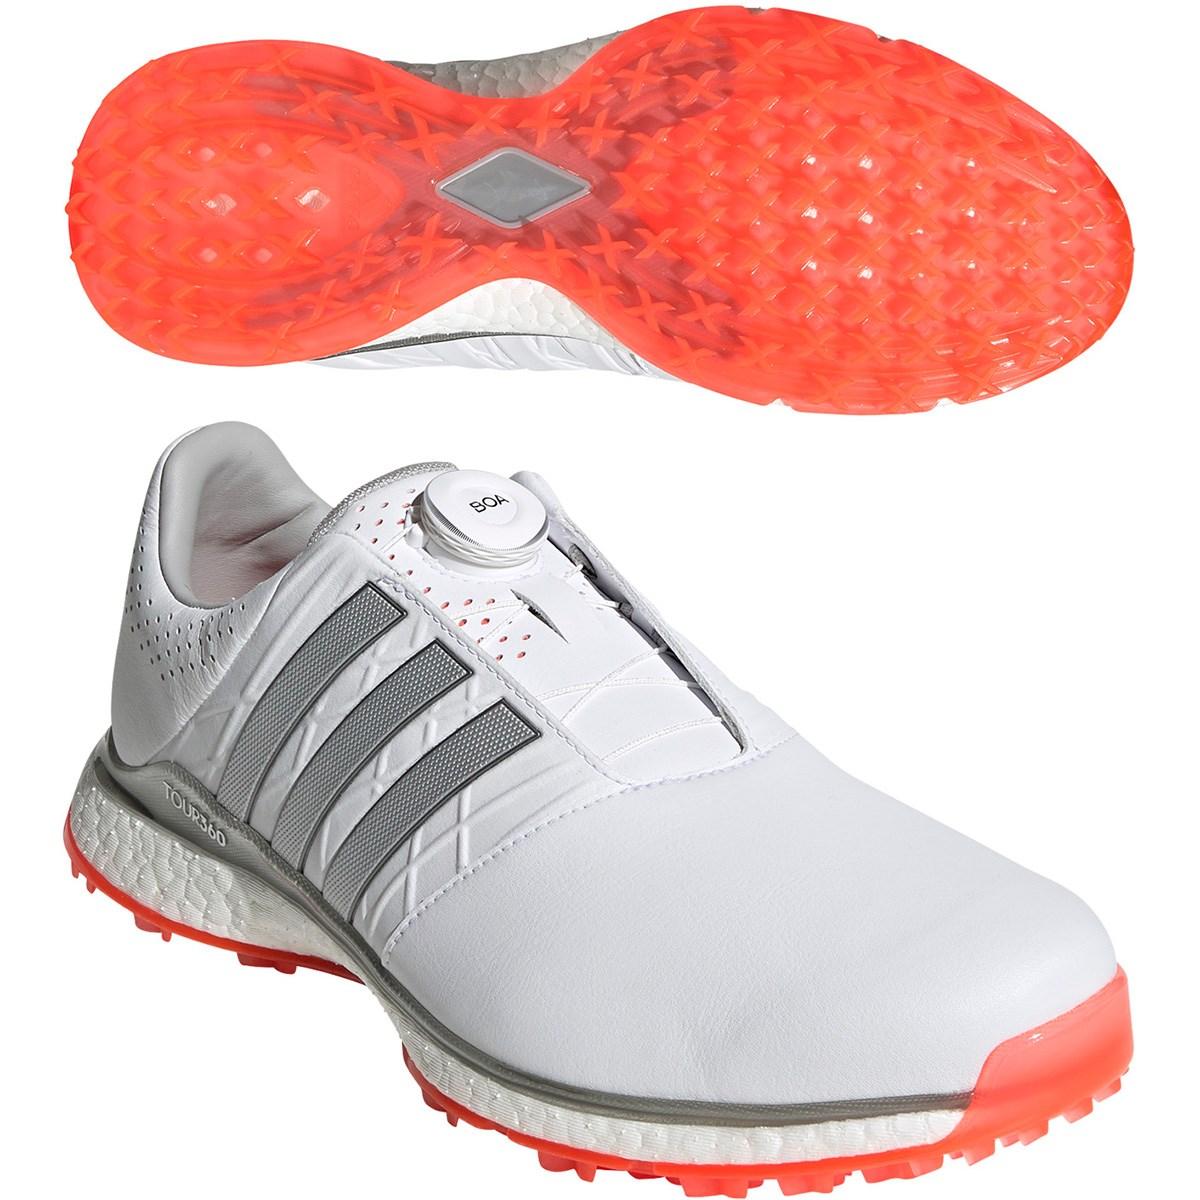 アディダス Adidas ツアー360 XT-SL ボア 2 シューズ 27.5cm ホワイト/シルバーメタリック/ソーラーレッド